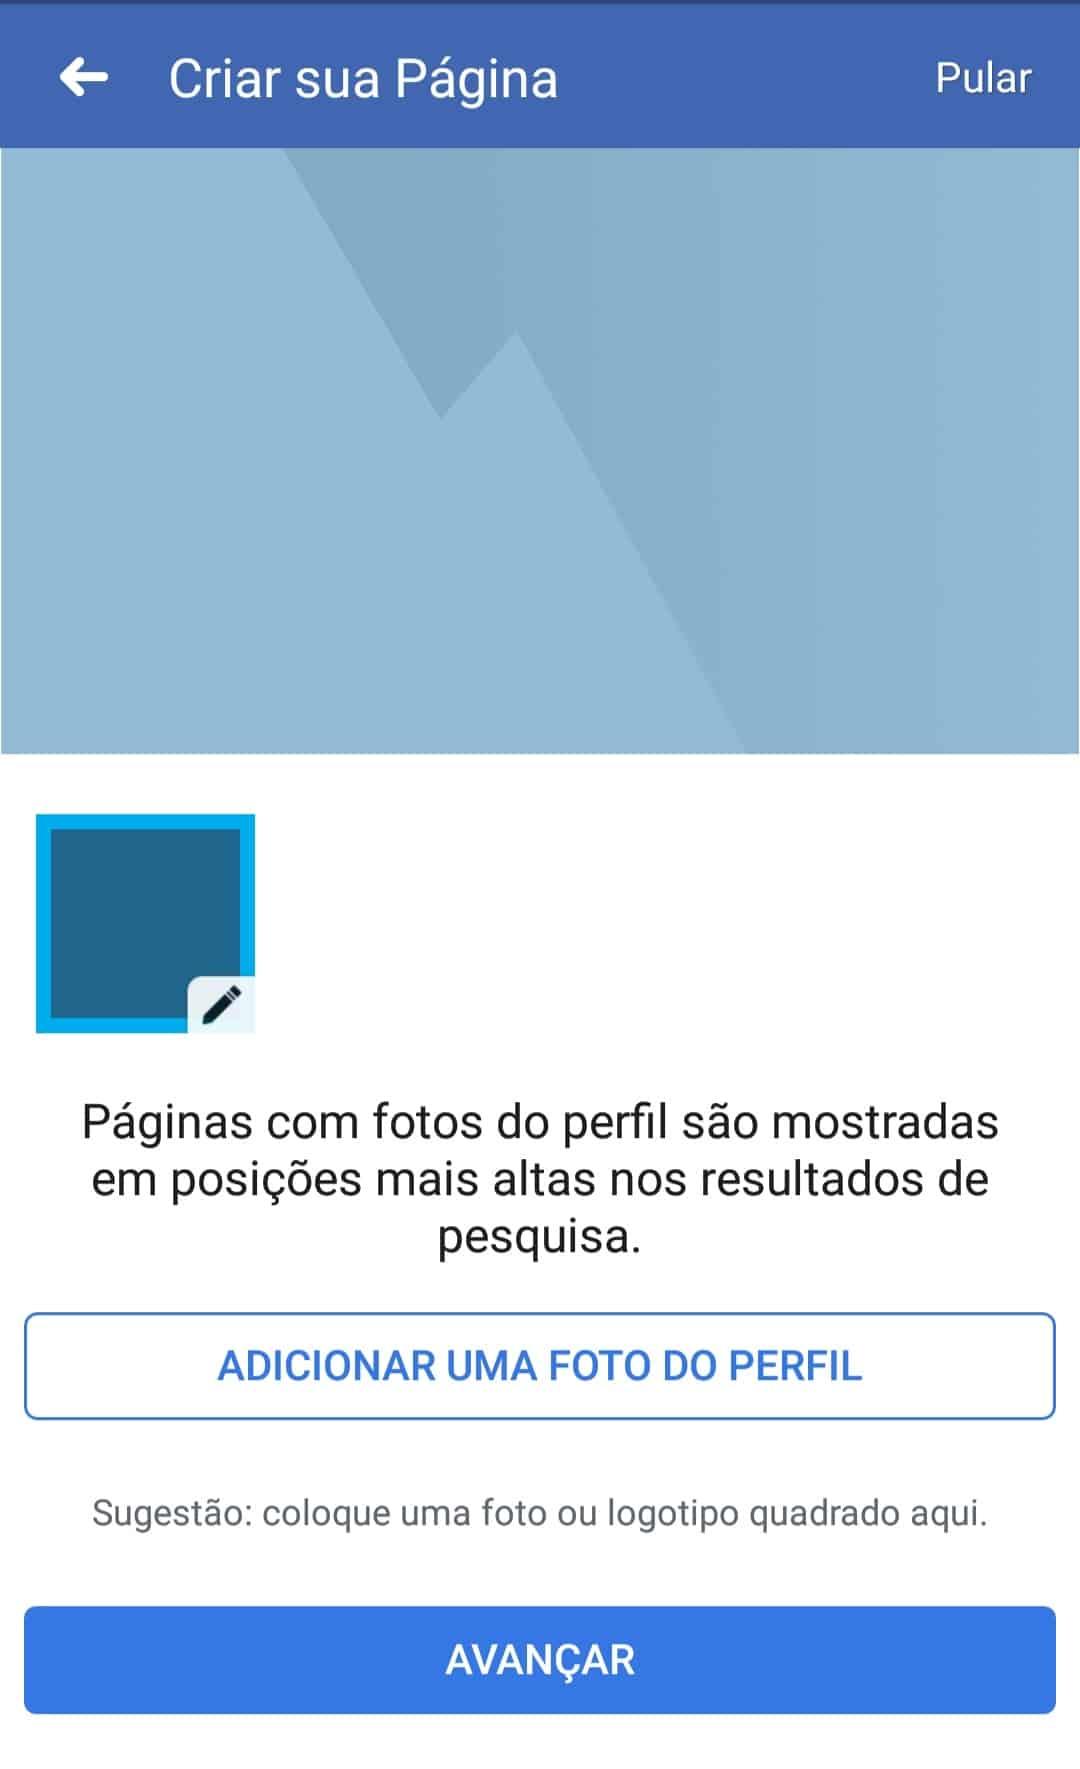 adicionando foto de perfil pelo celular